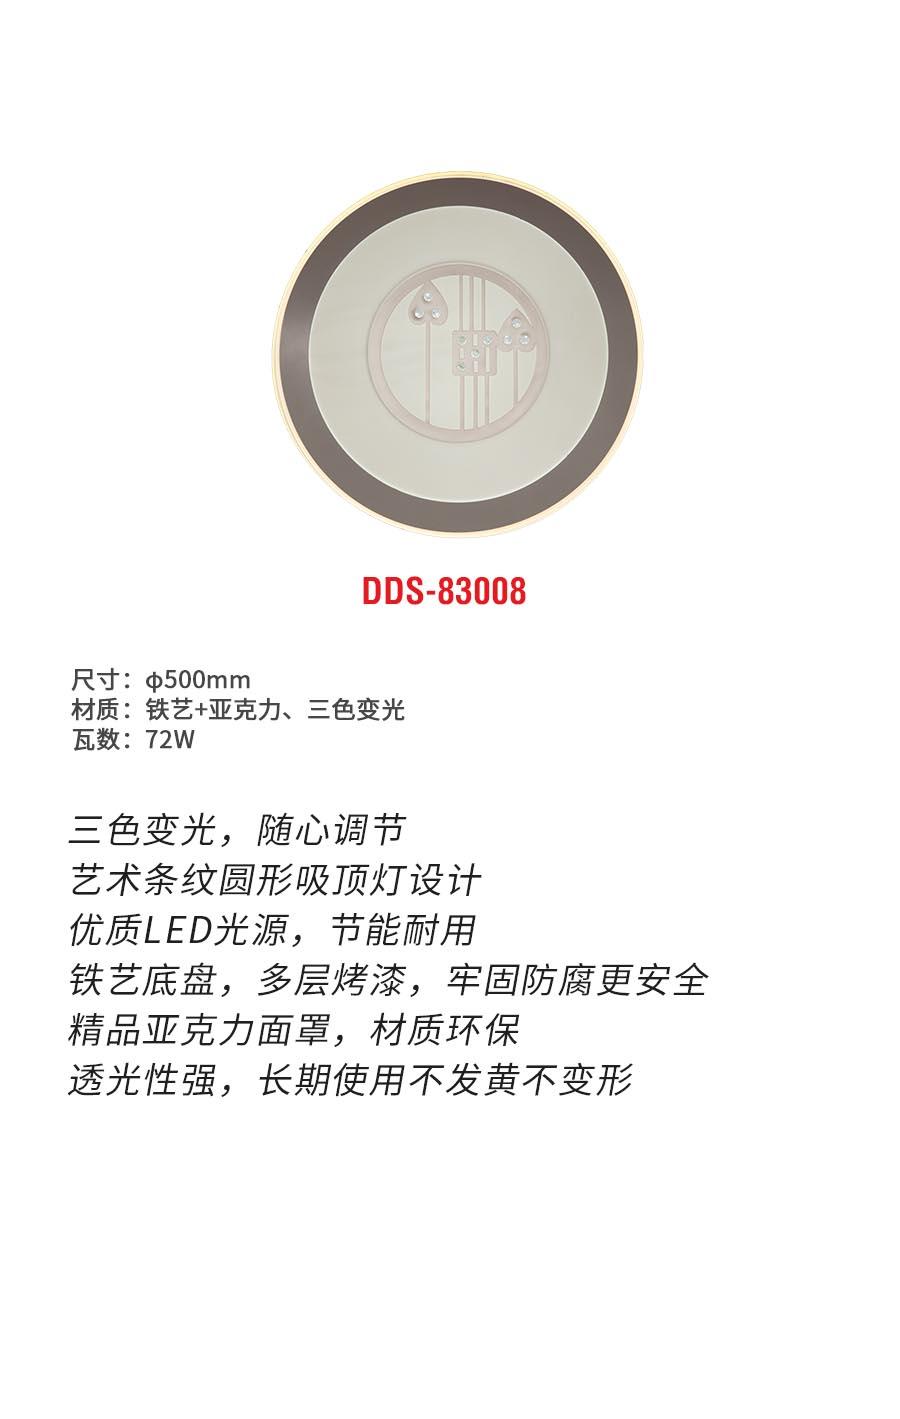 DDS-83008b.jpg